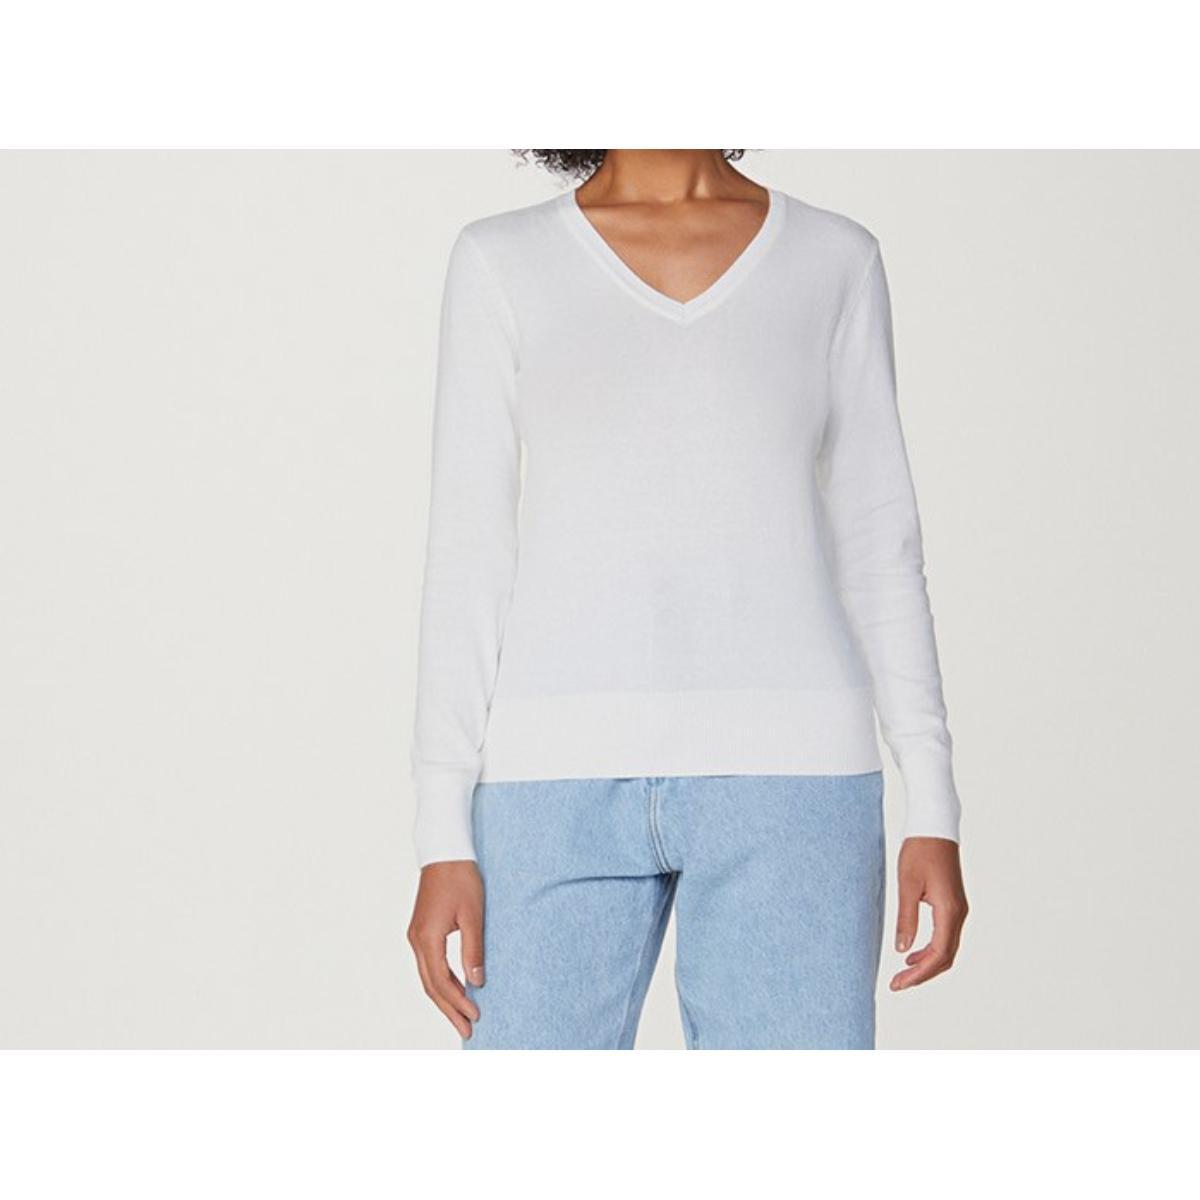 Blusão Feminino Hering K0wh 1asi Branco